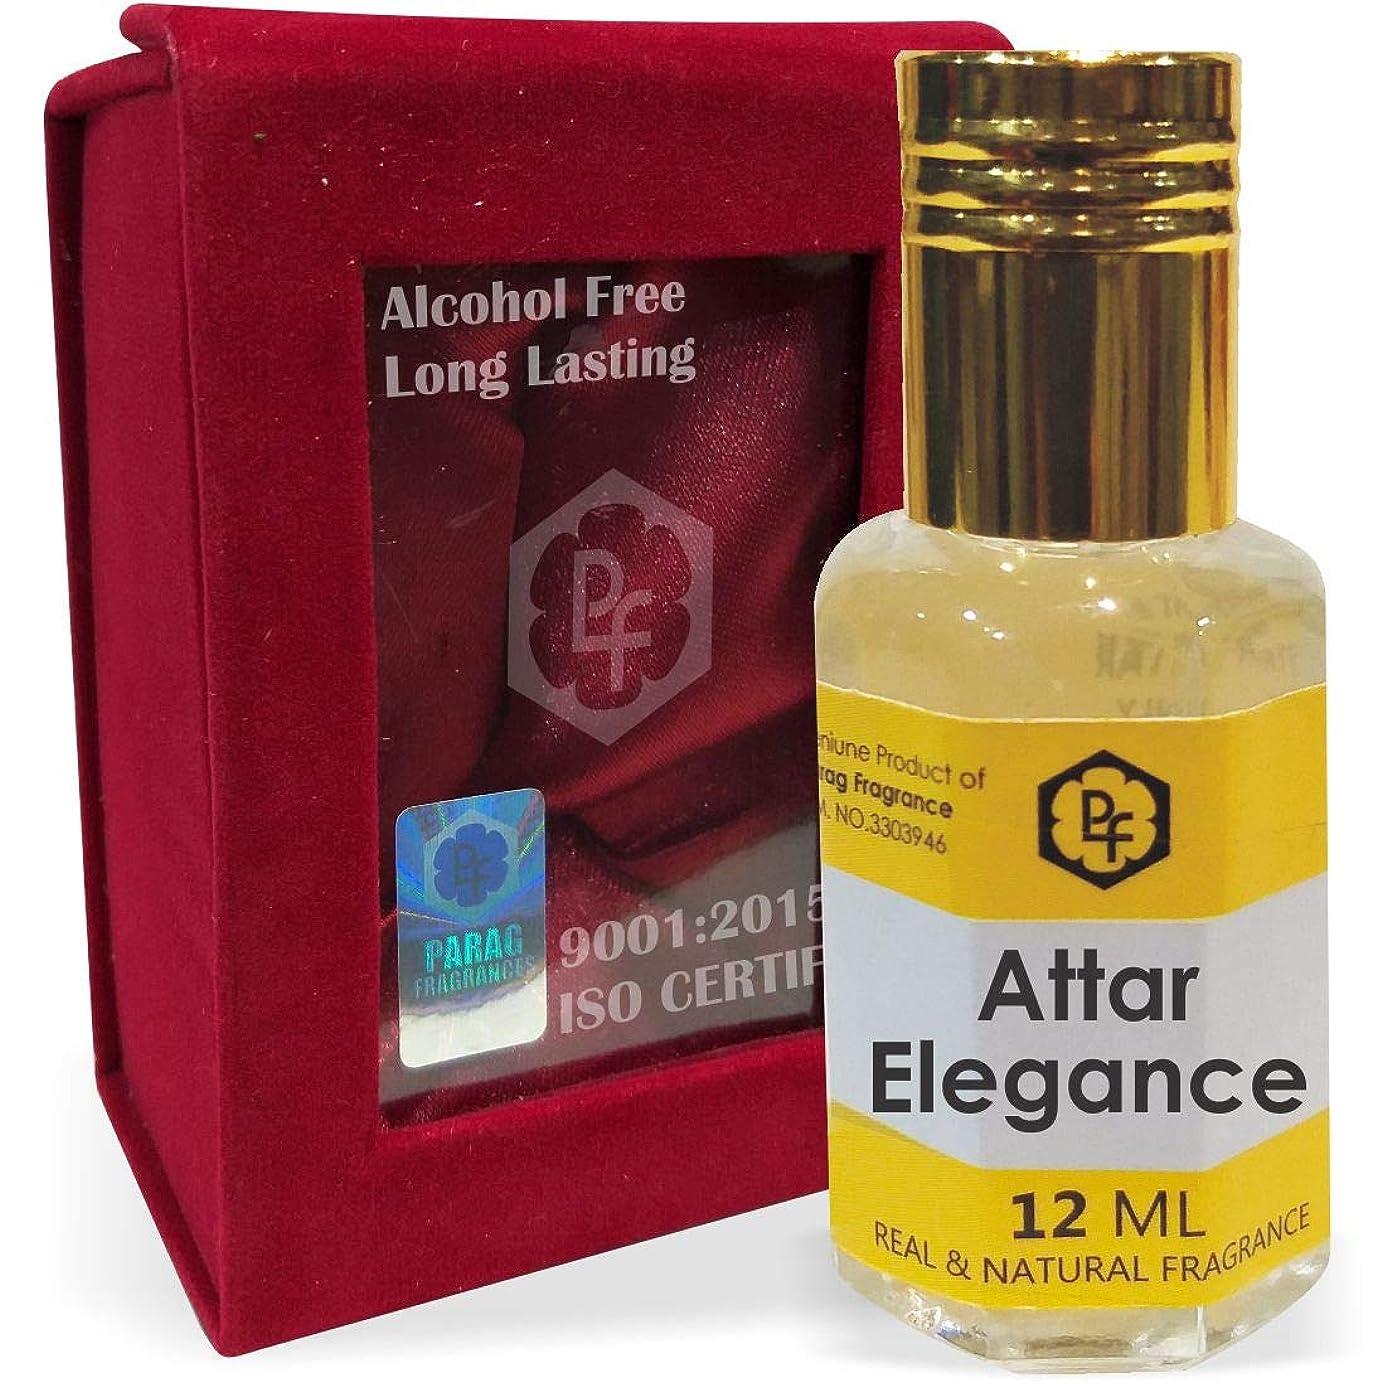 移植不潔養うParagフレグランスエレガンス手作りベルベットボックス12ミリリットルアター/香水(インドの伝統的なBhapka処理方法により、インド製)オイル/フレグランスオイル|長持ちアターITRA最高の品質